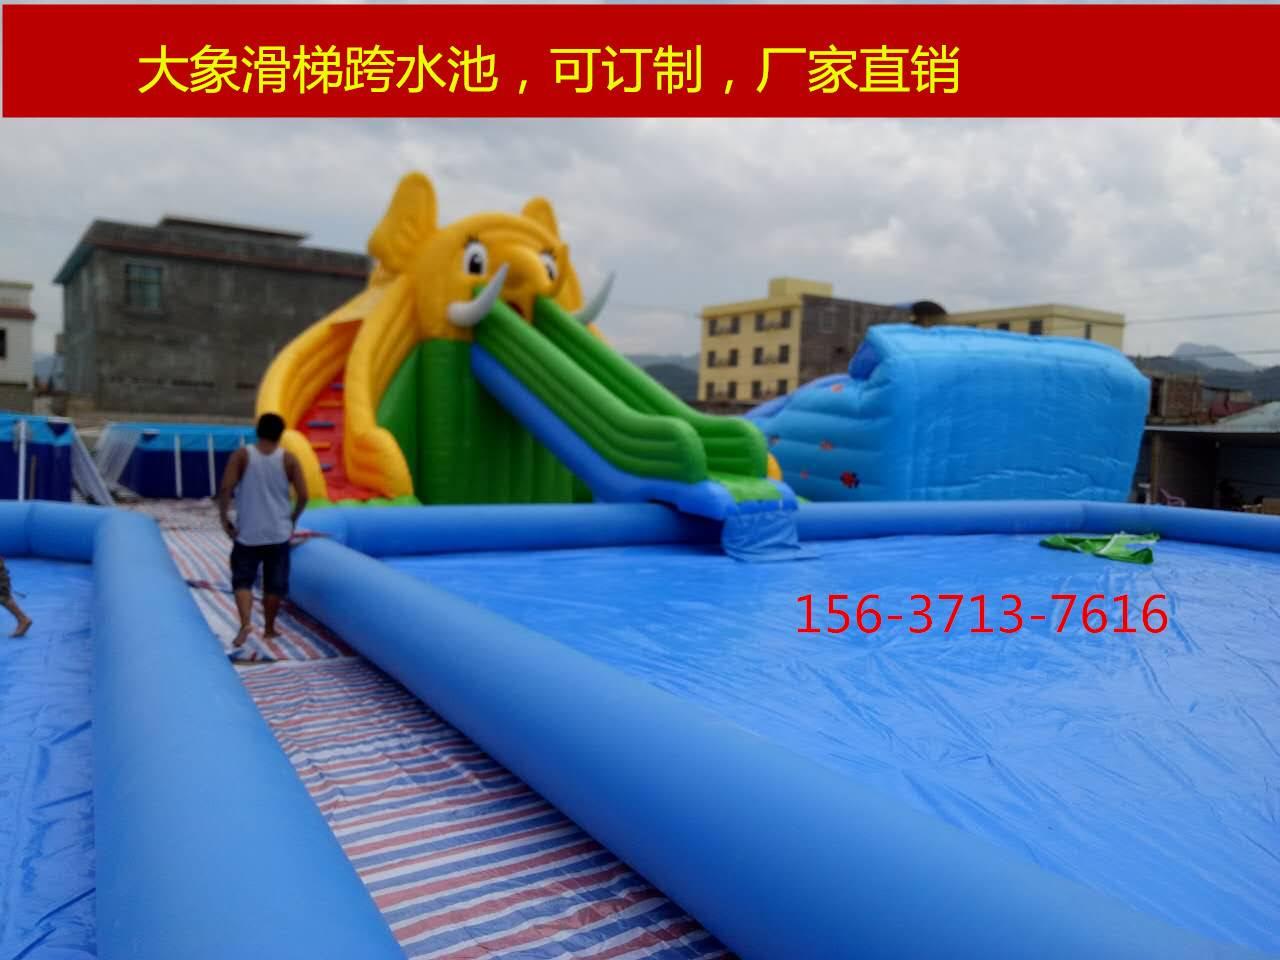 夏季热销移动水上乐园 充气水池水滑梯 价格